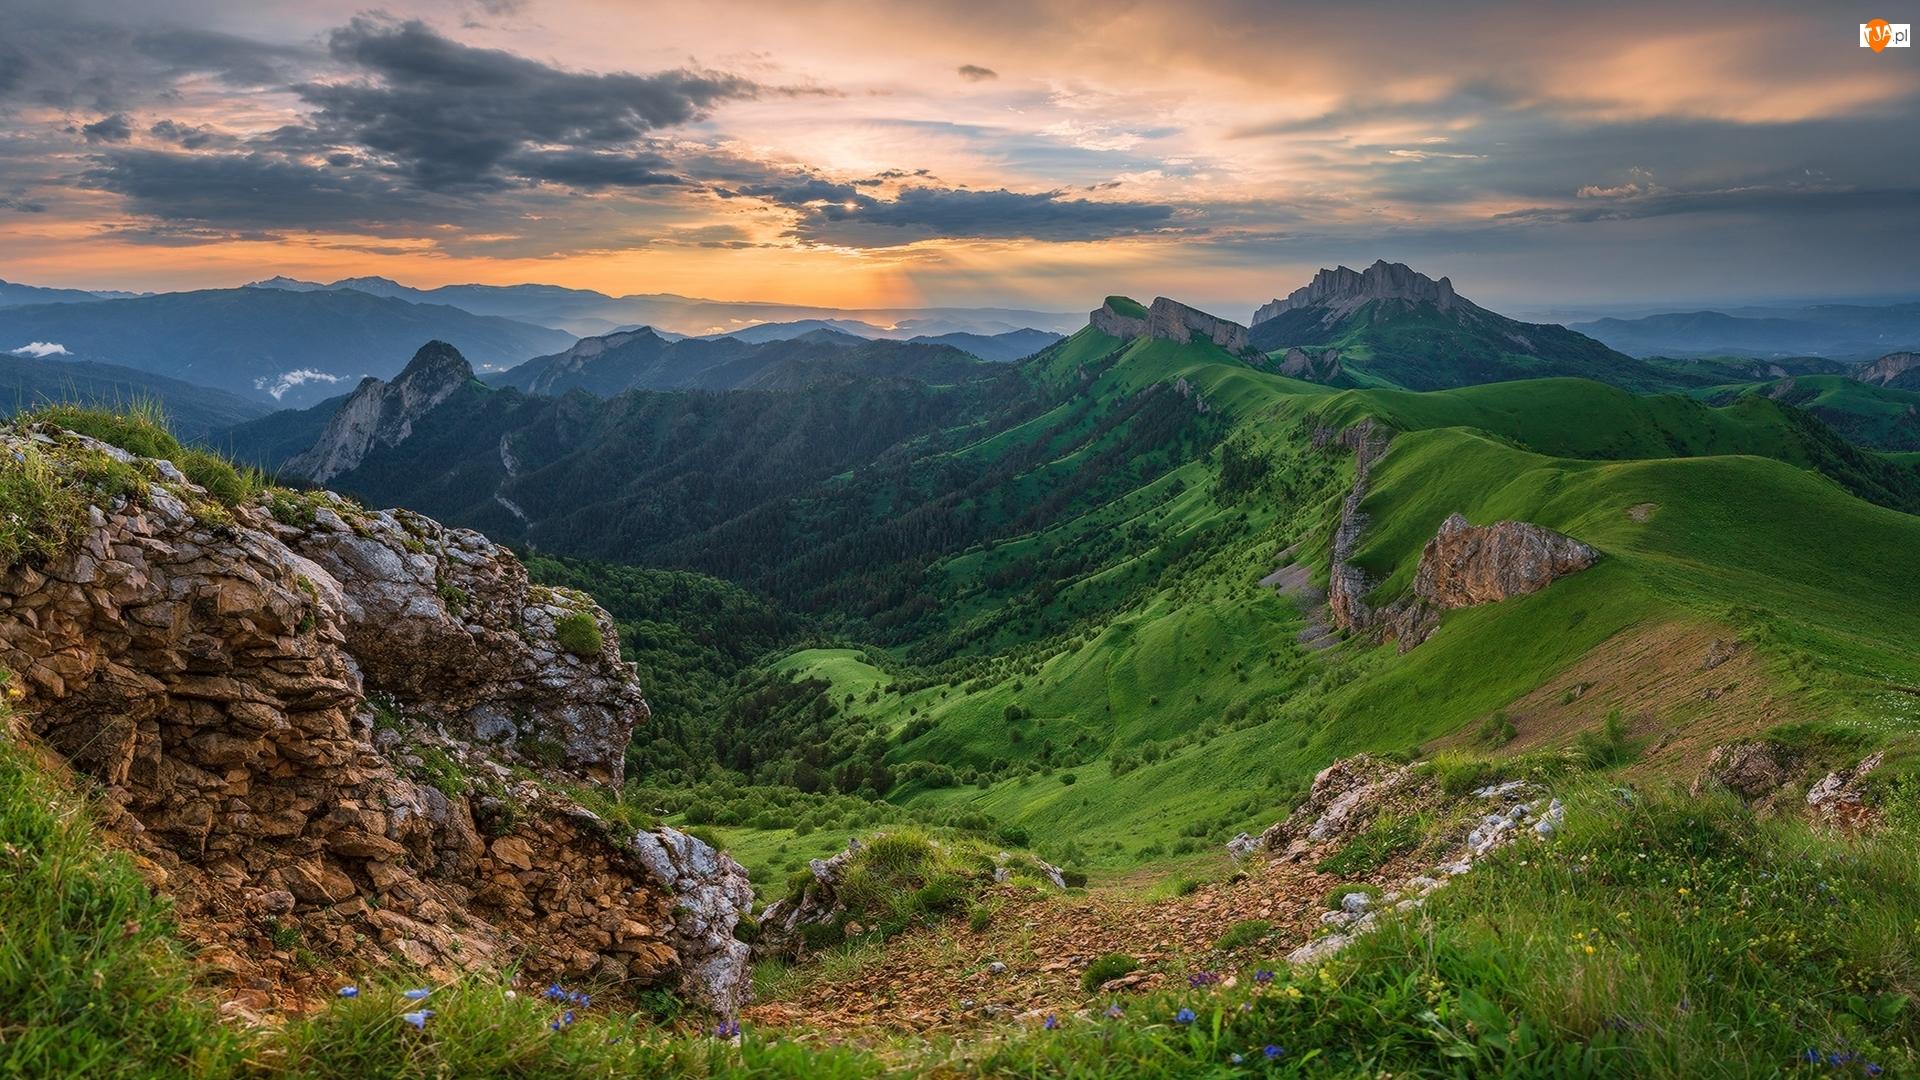 Kaukaz, Dolina, Rosja, Góry, Adygeja, Chmury, Zachód słońca